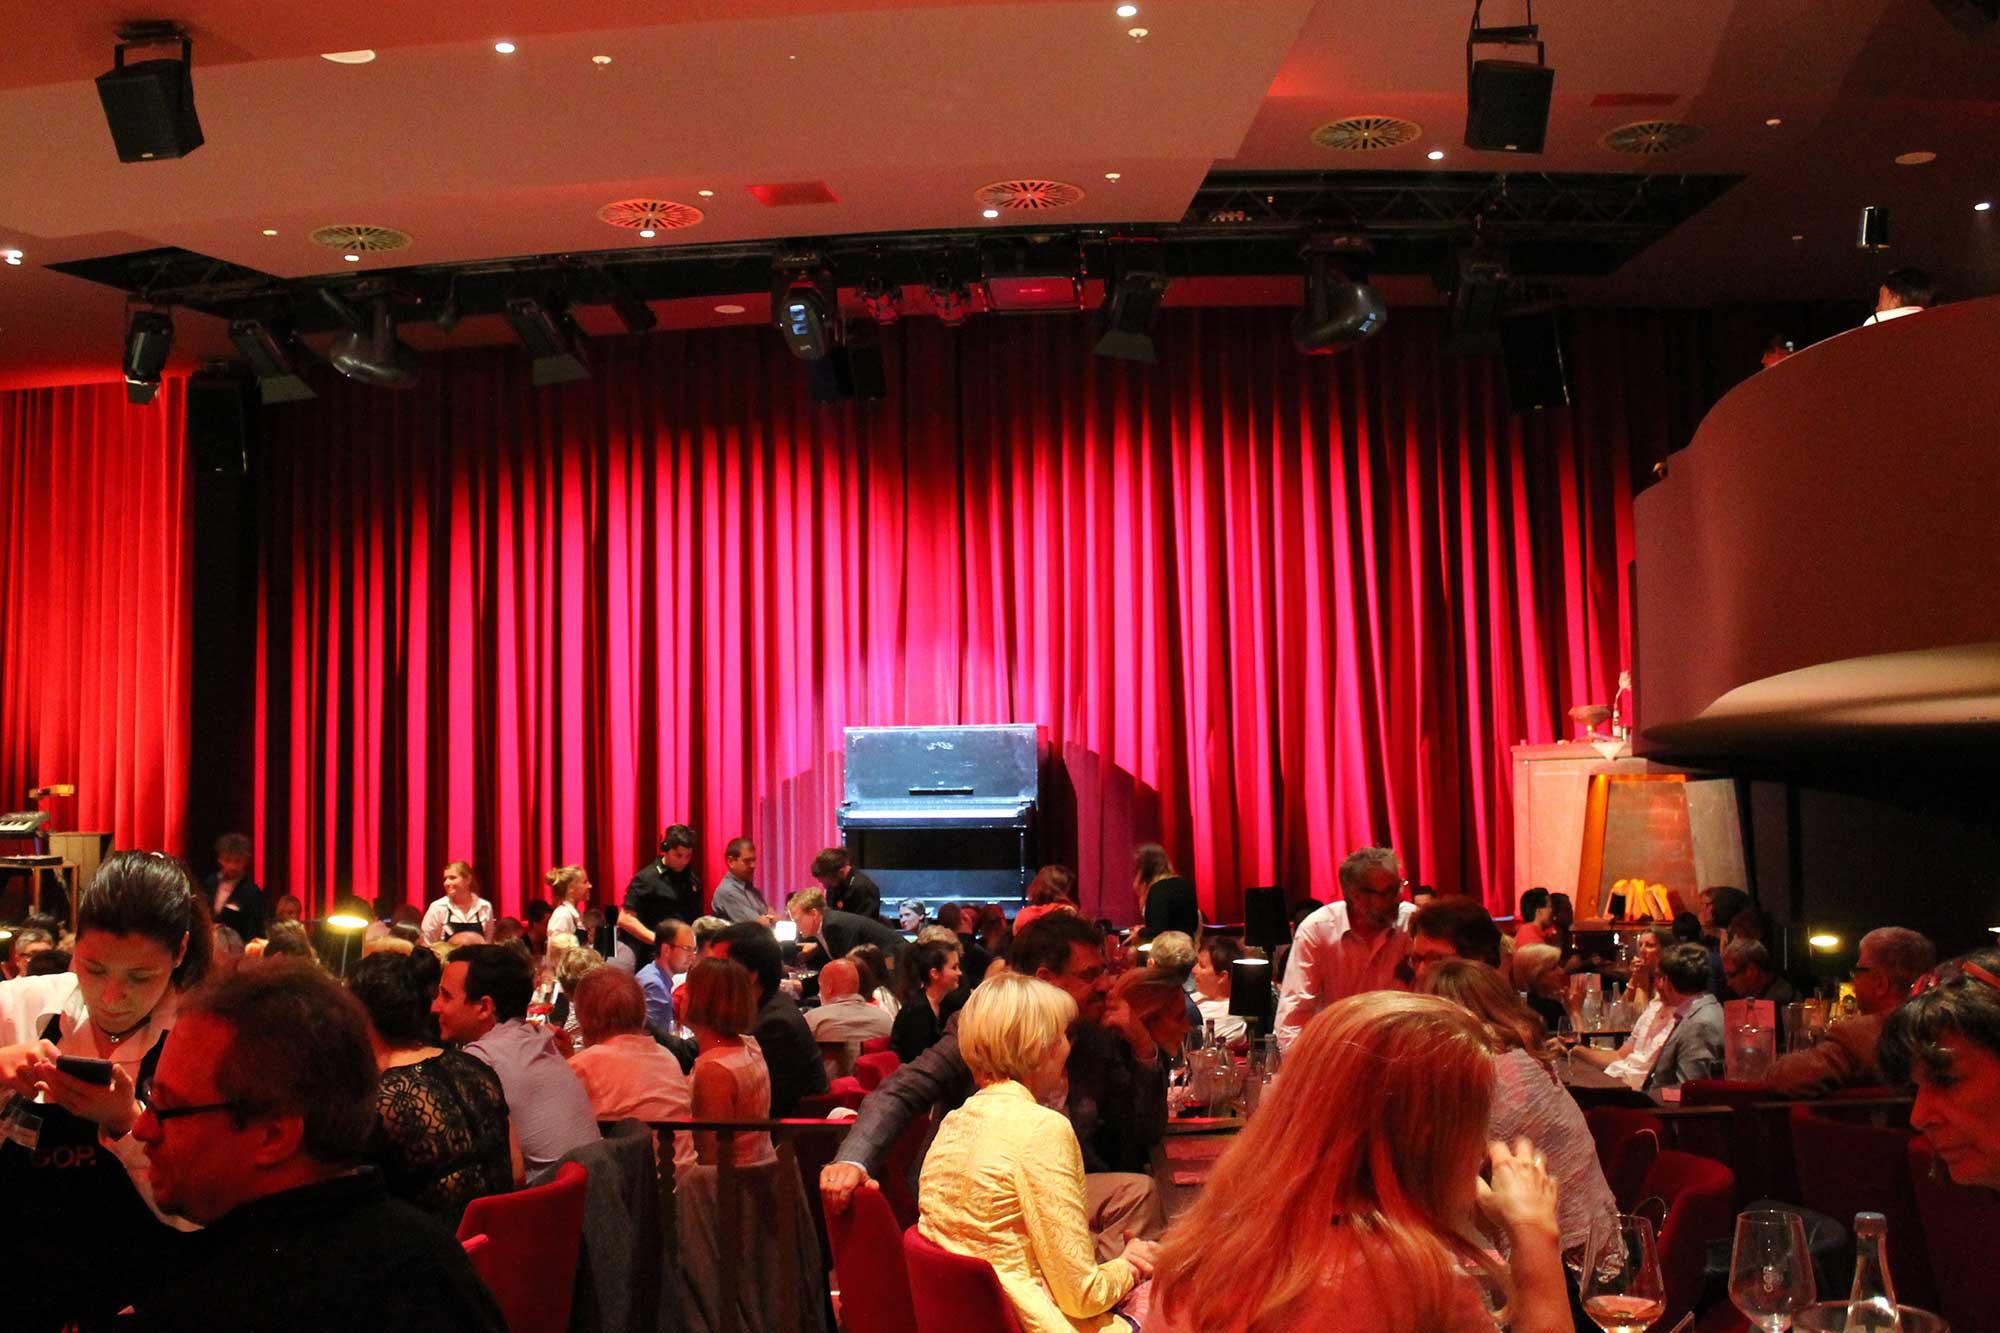 Ein roter Vorhang verhüllt die Bühne, davor steht ein schwarzes Piano. Im Vordergrund ganz viele Menschen an Tischen.